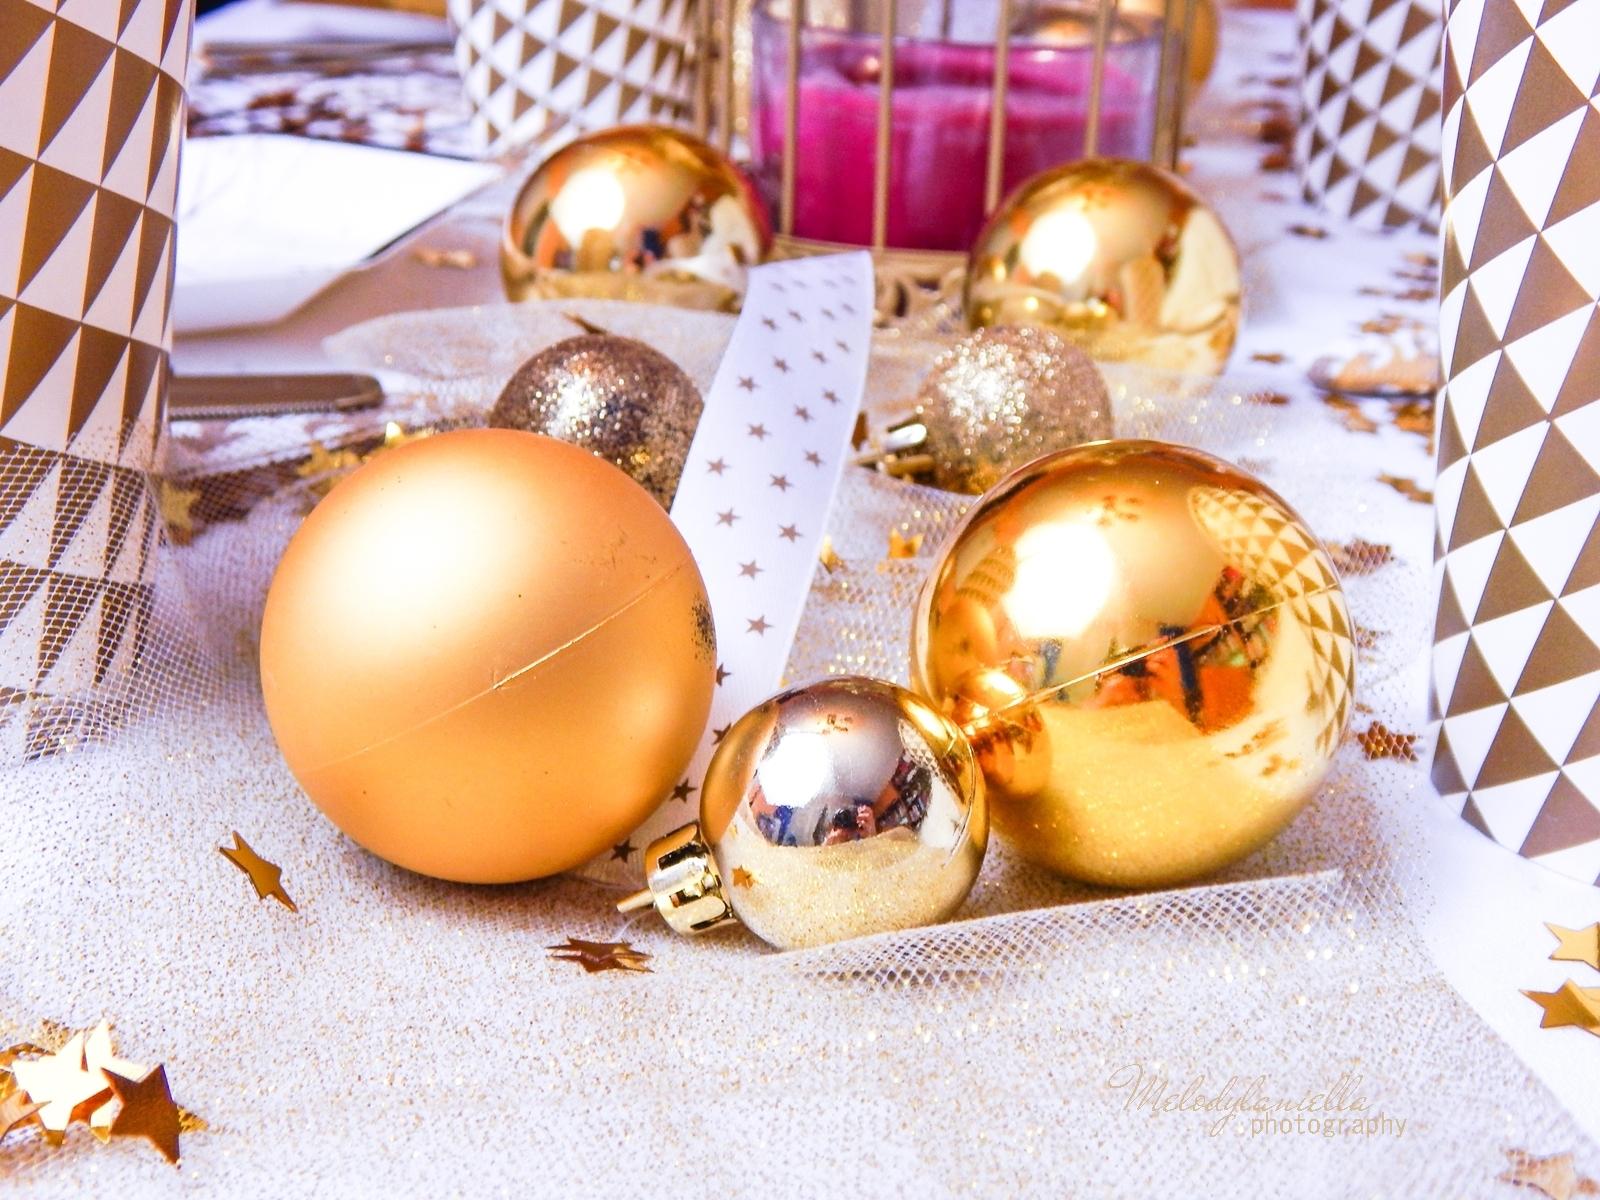 17 jak udekorować stół na imprezę dekoracje partybox melodylaniella ładne papierowe talerzyki kubki wstążki confetti brokat zlote dodatki stylizacje lifestyle homedecor